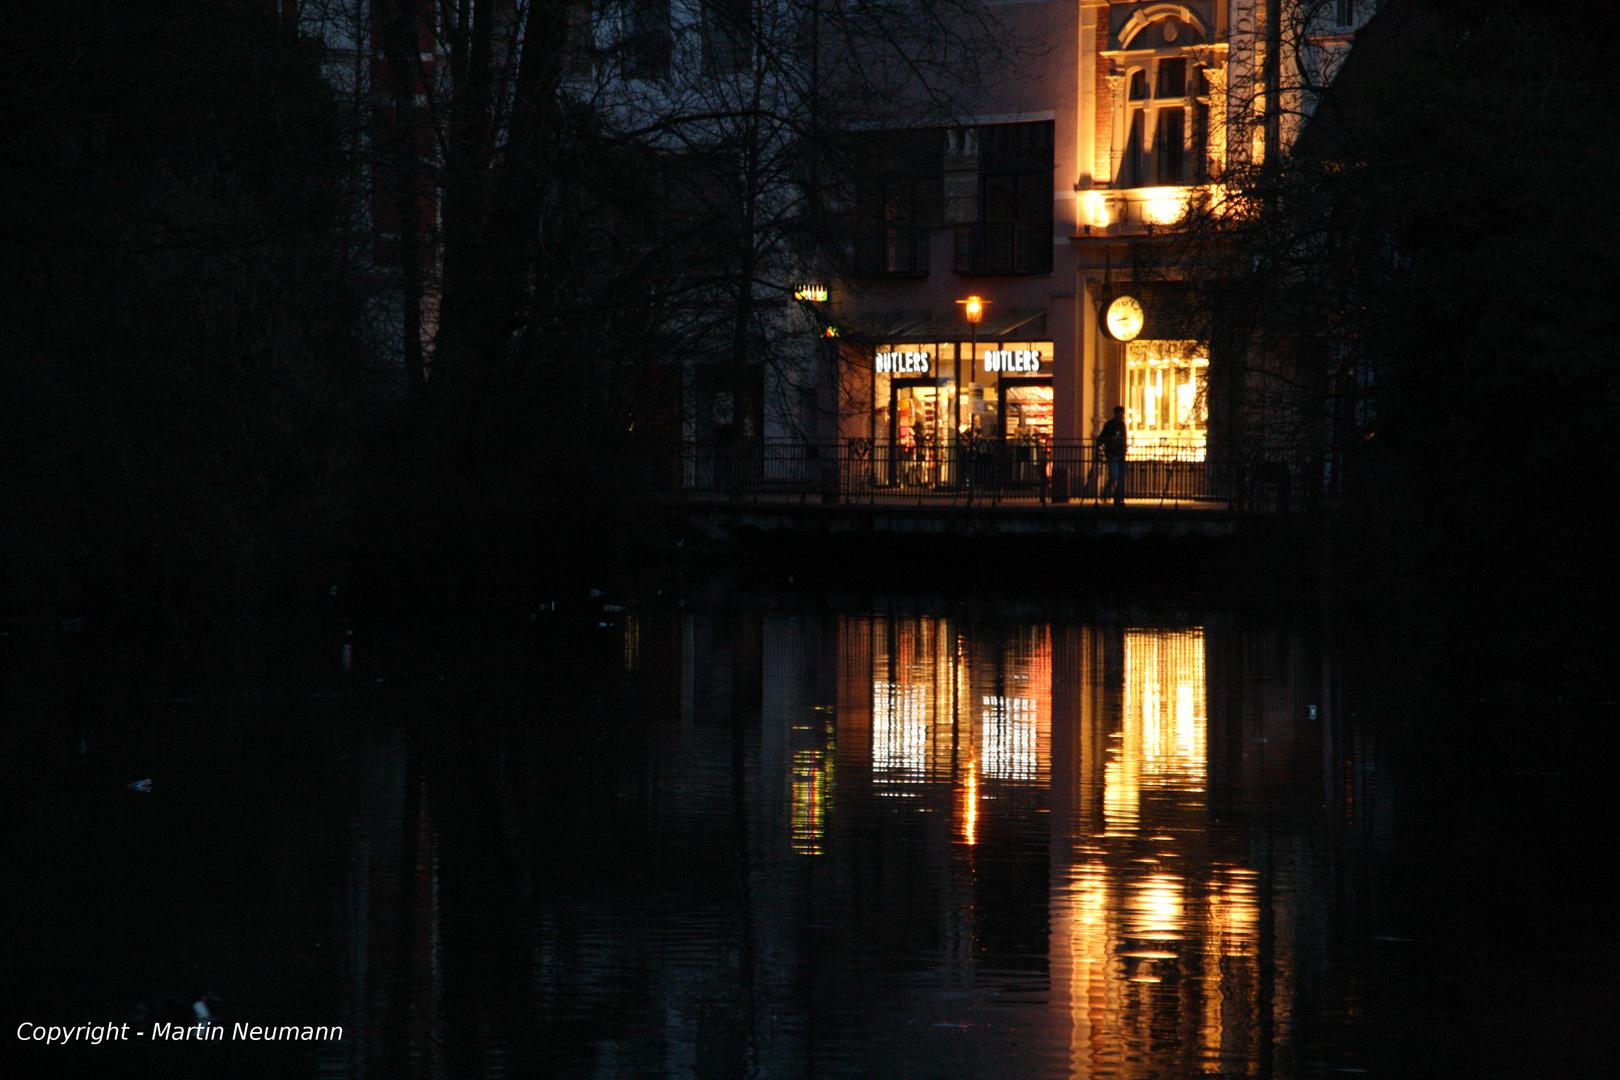 Lichtspiegelung im Wasser